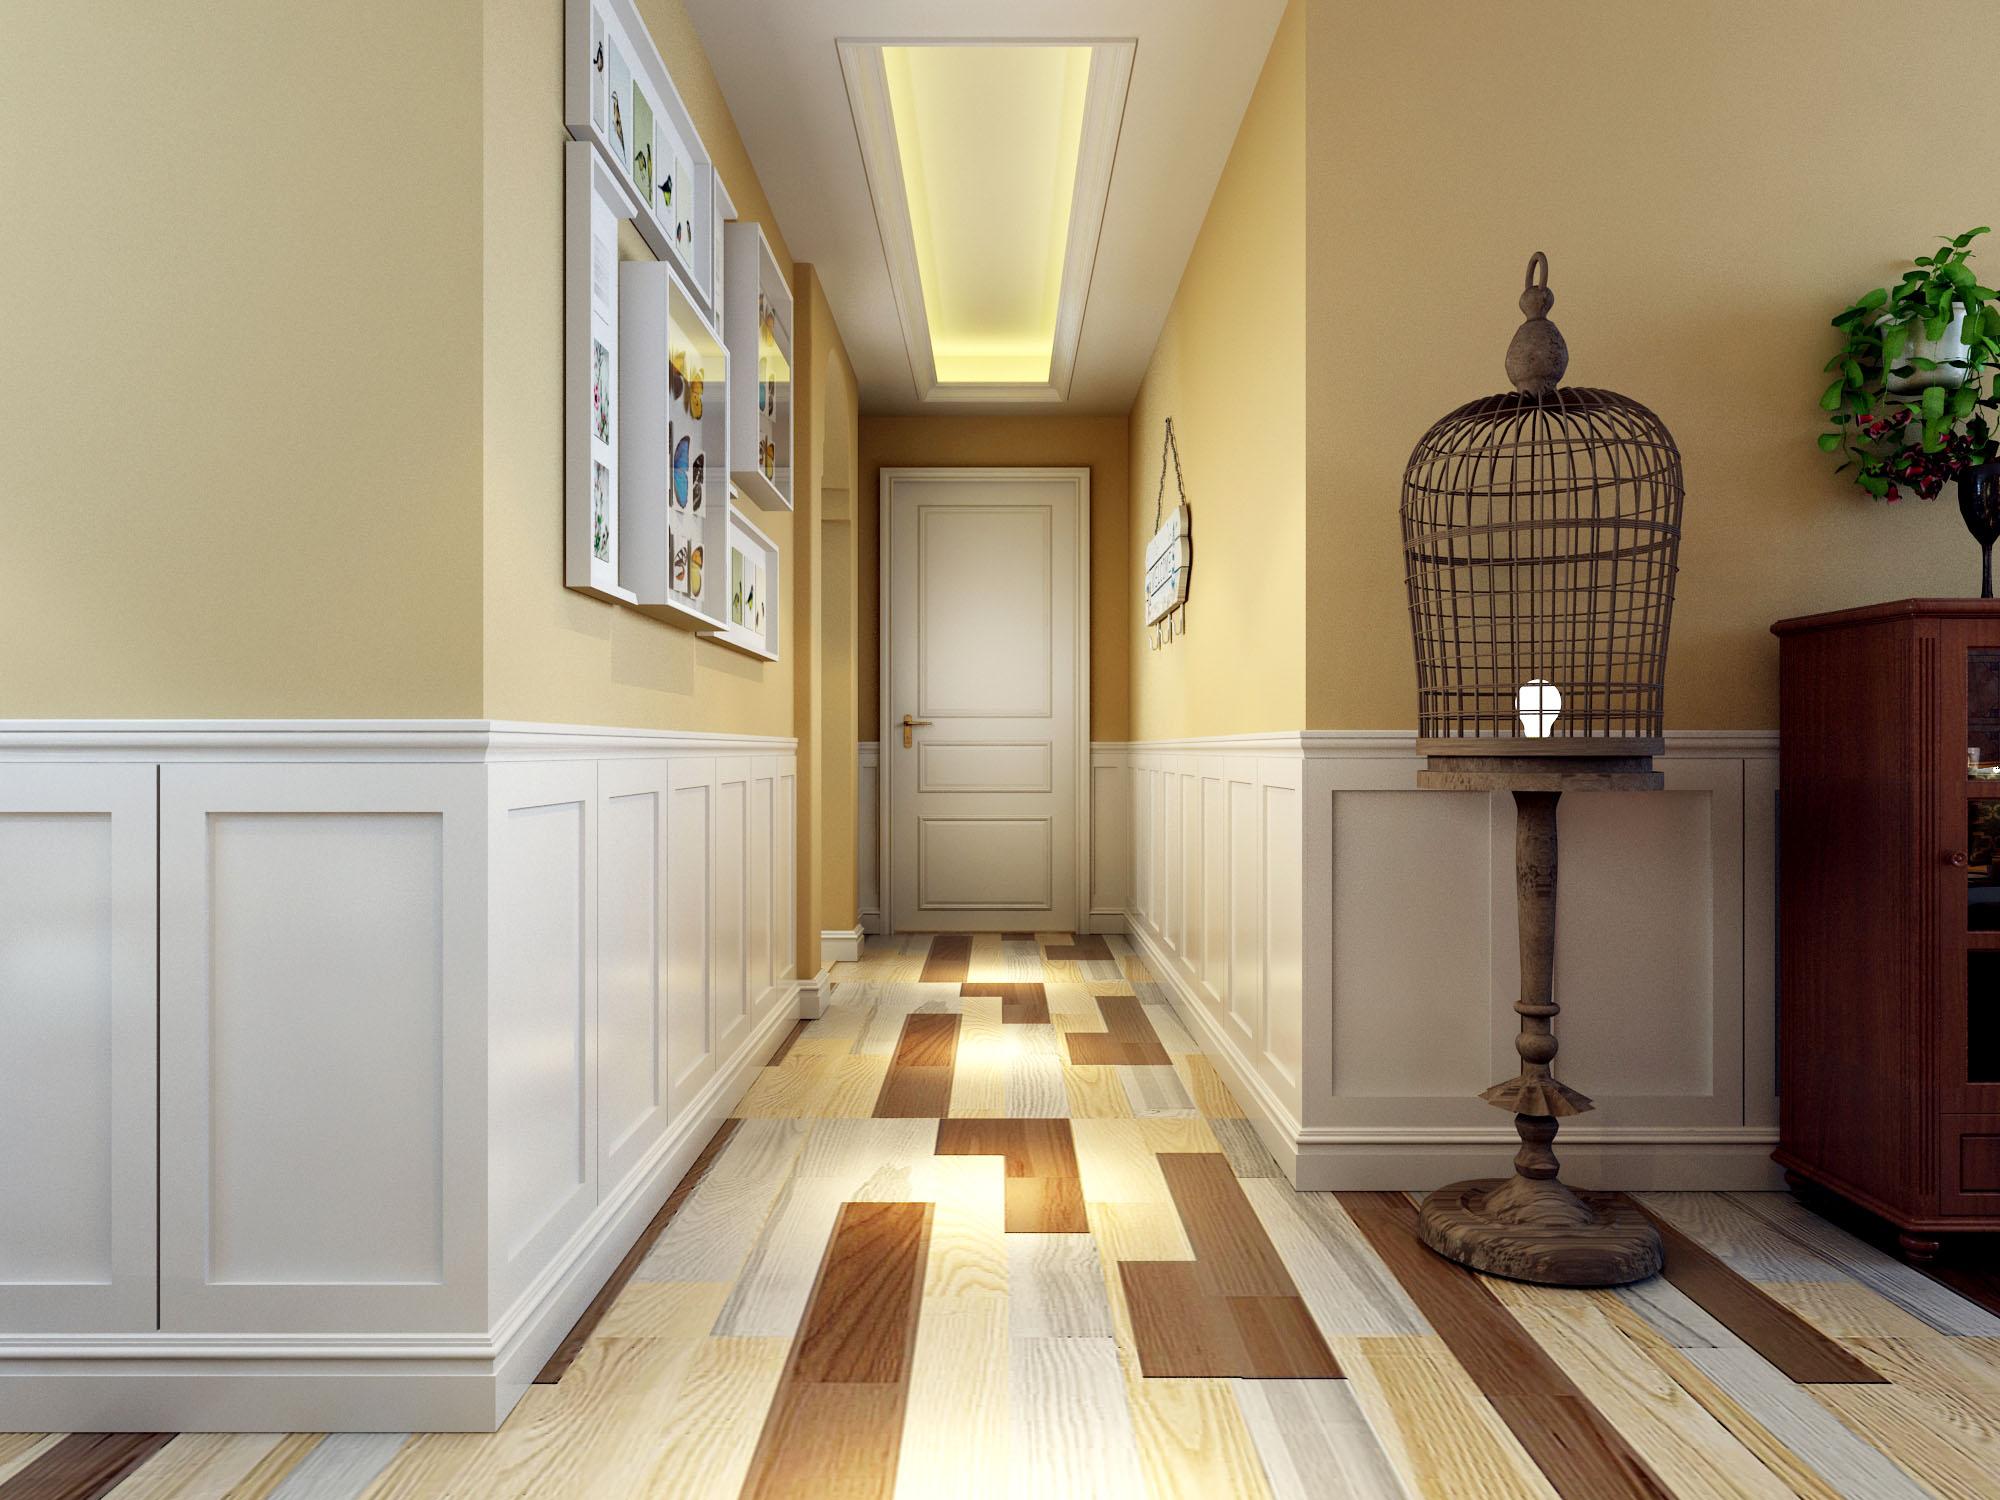 地面用的彩拼木地板,墙面用白色木饰面护墙,沙发背景墙瓷砖拼花,墙面